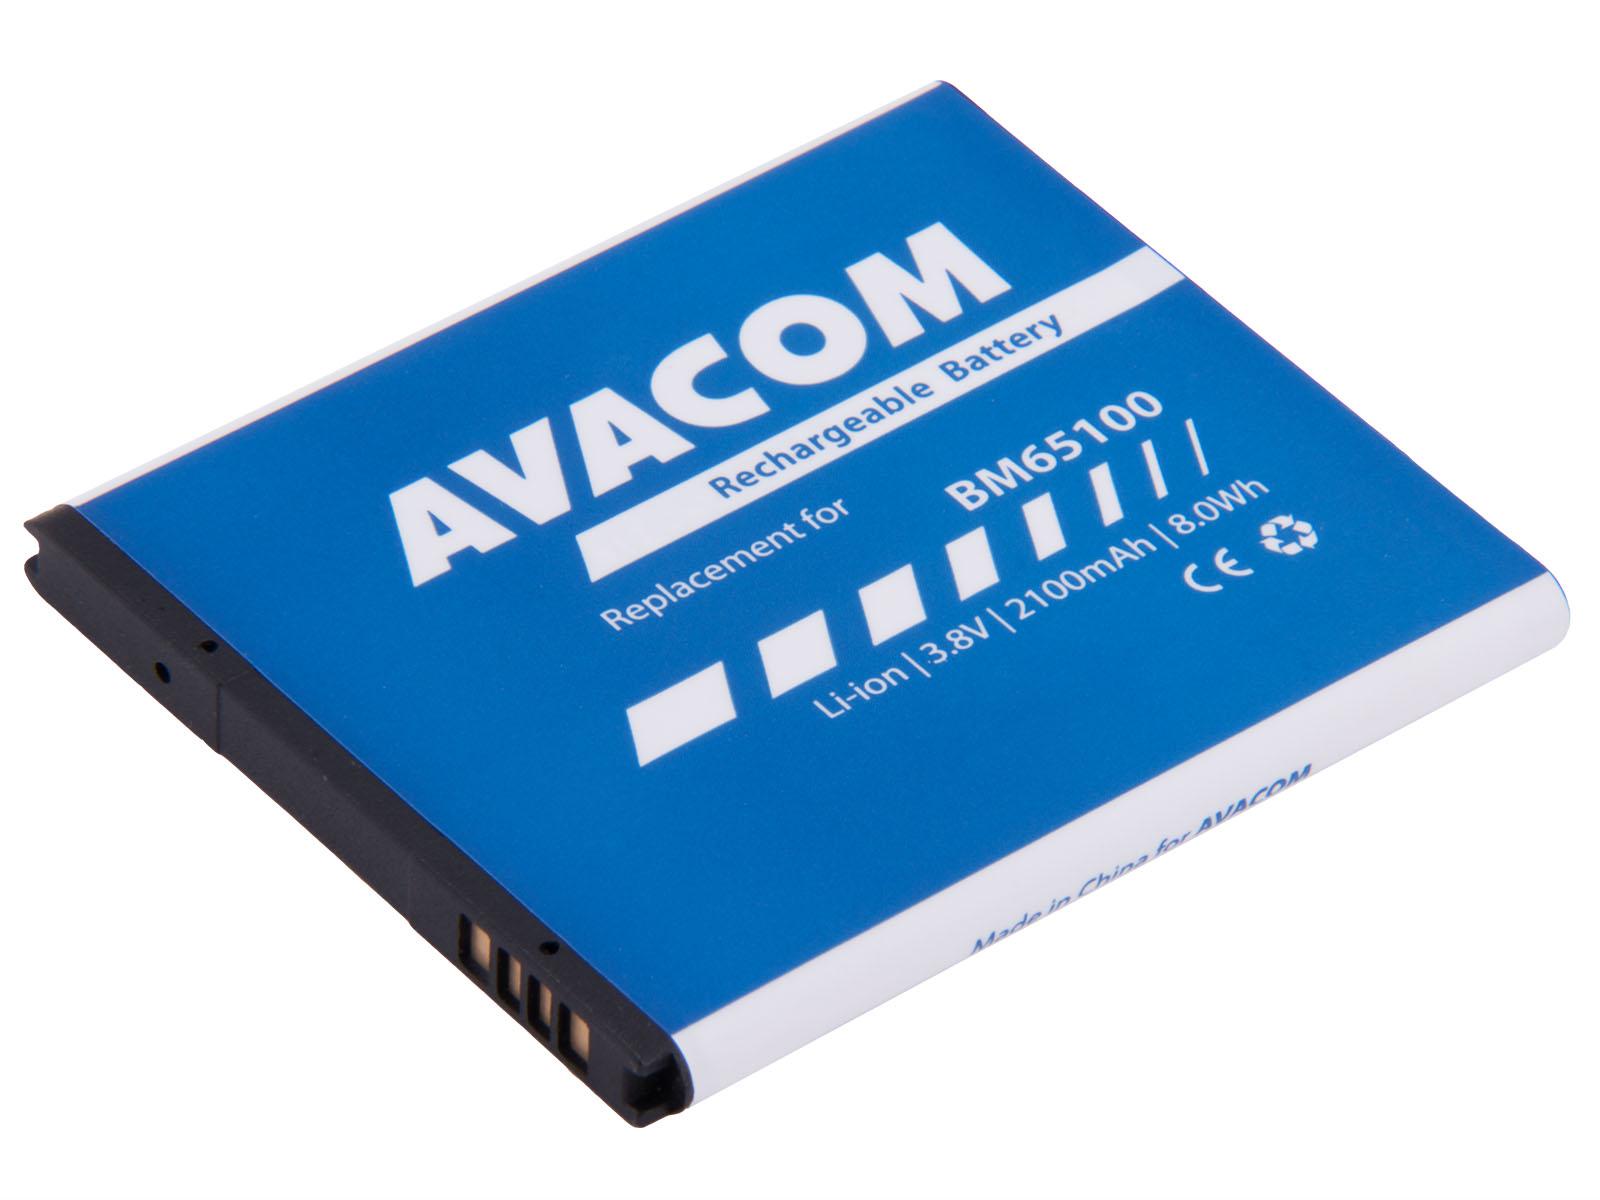 Baterie AVACOM PDHT-D601-2100 do mobilu HTC Desire 601 Li-ion 3,8V 2100mAh